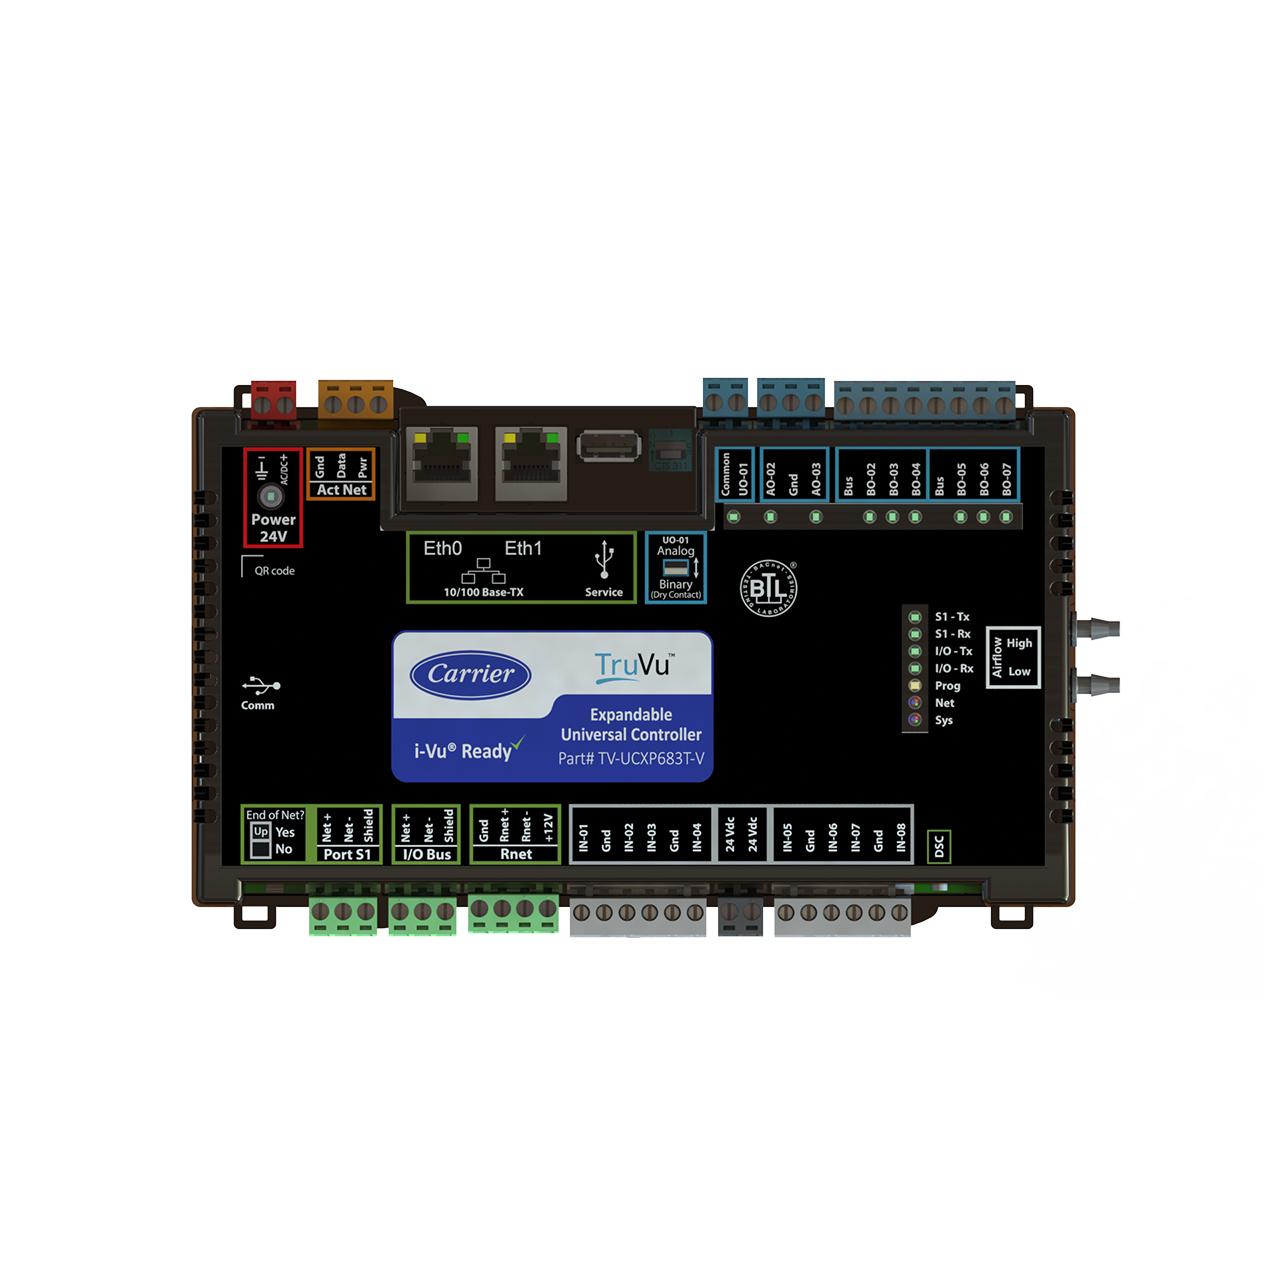 carrier-TV-UCXP683T-V-TOP-truvu-controller